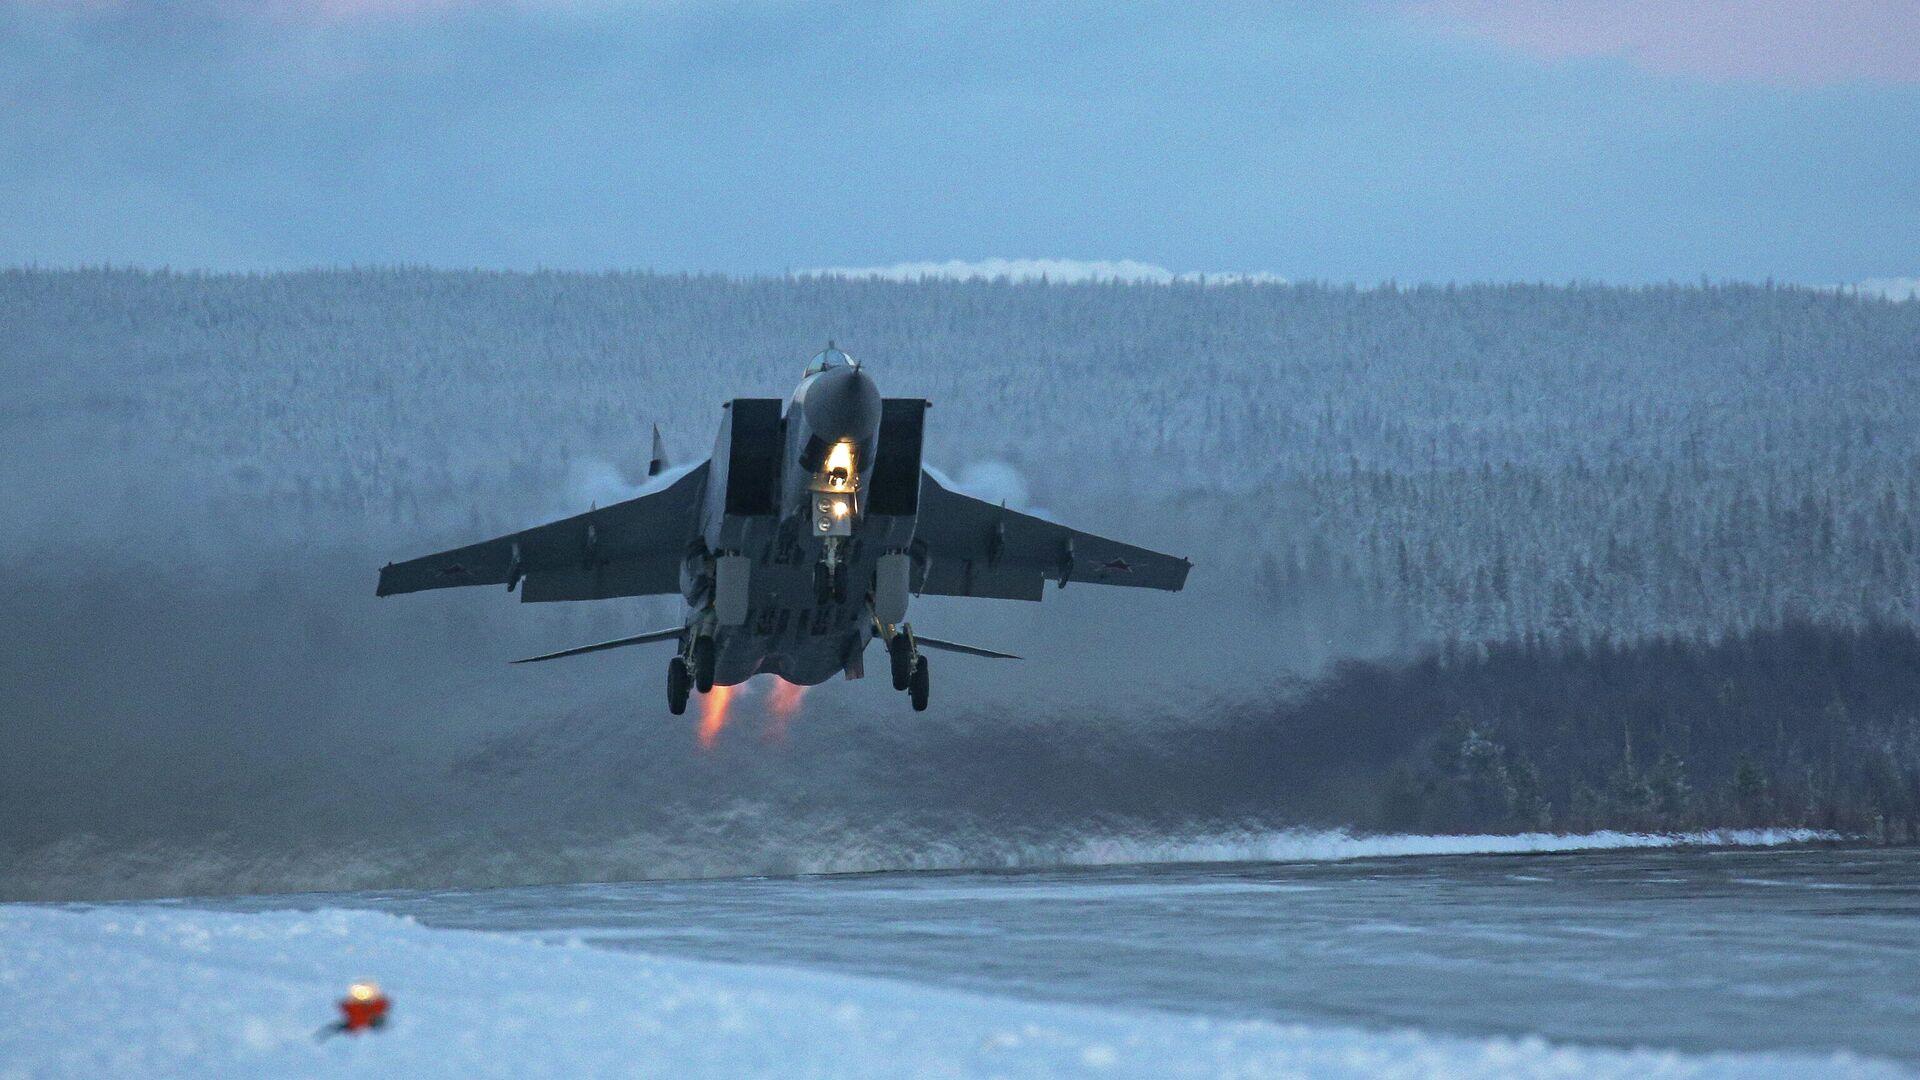 Самолет МиГ-31 во время учебно-тренировочных полетов в Мурманской области - РИА Новости, 1920, 06.02.2021